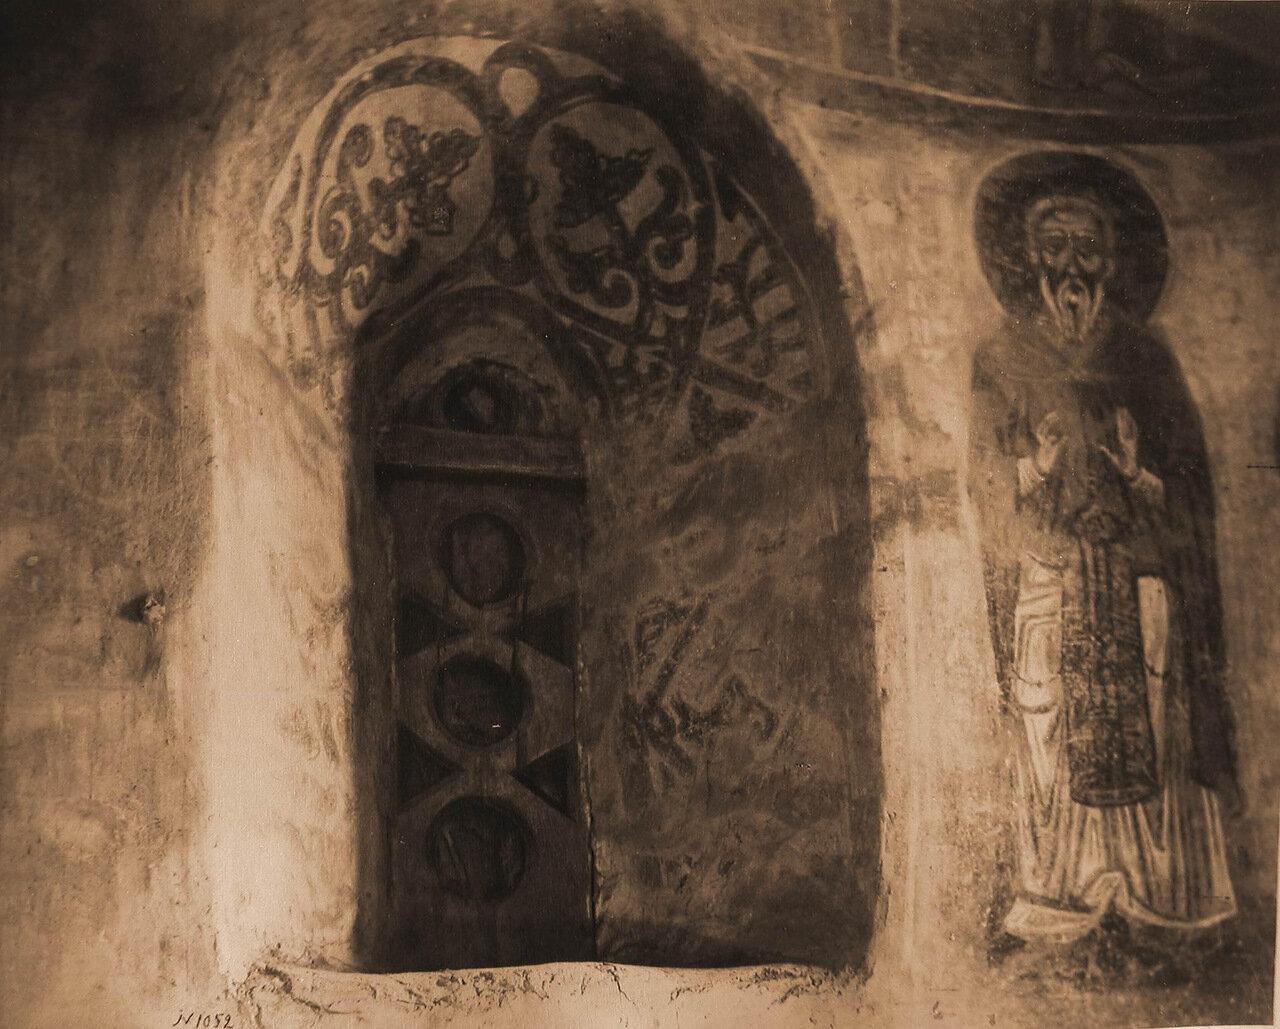 Вид окна и слюдяной рамы (XII в.) церкви Спаса-Нередиц